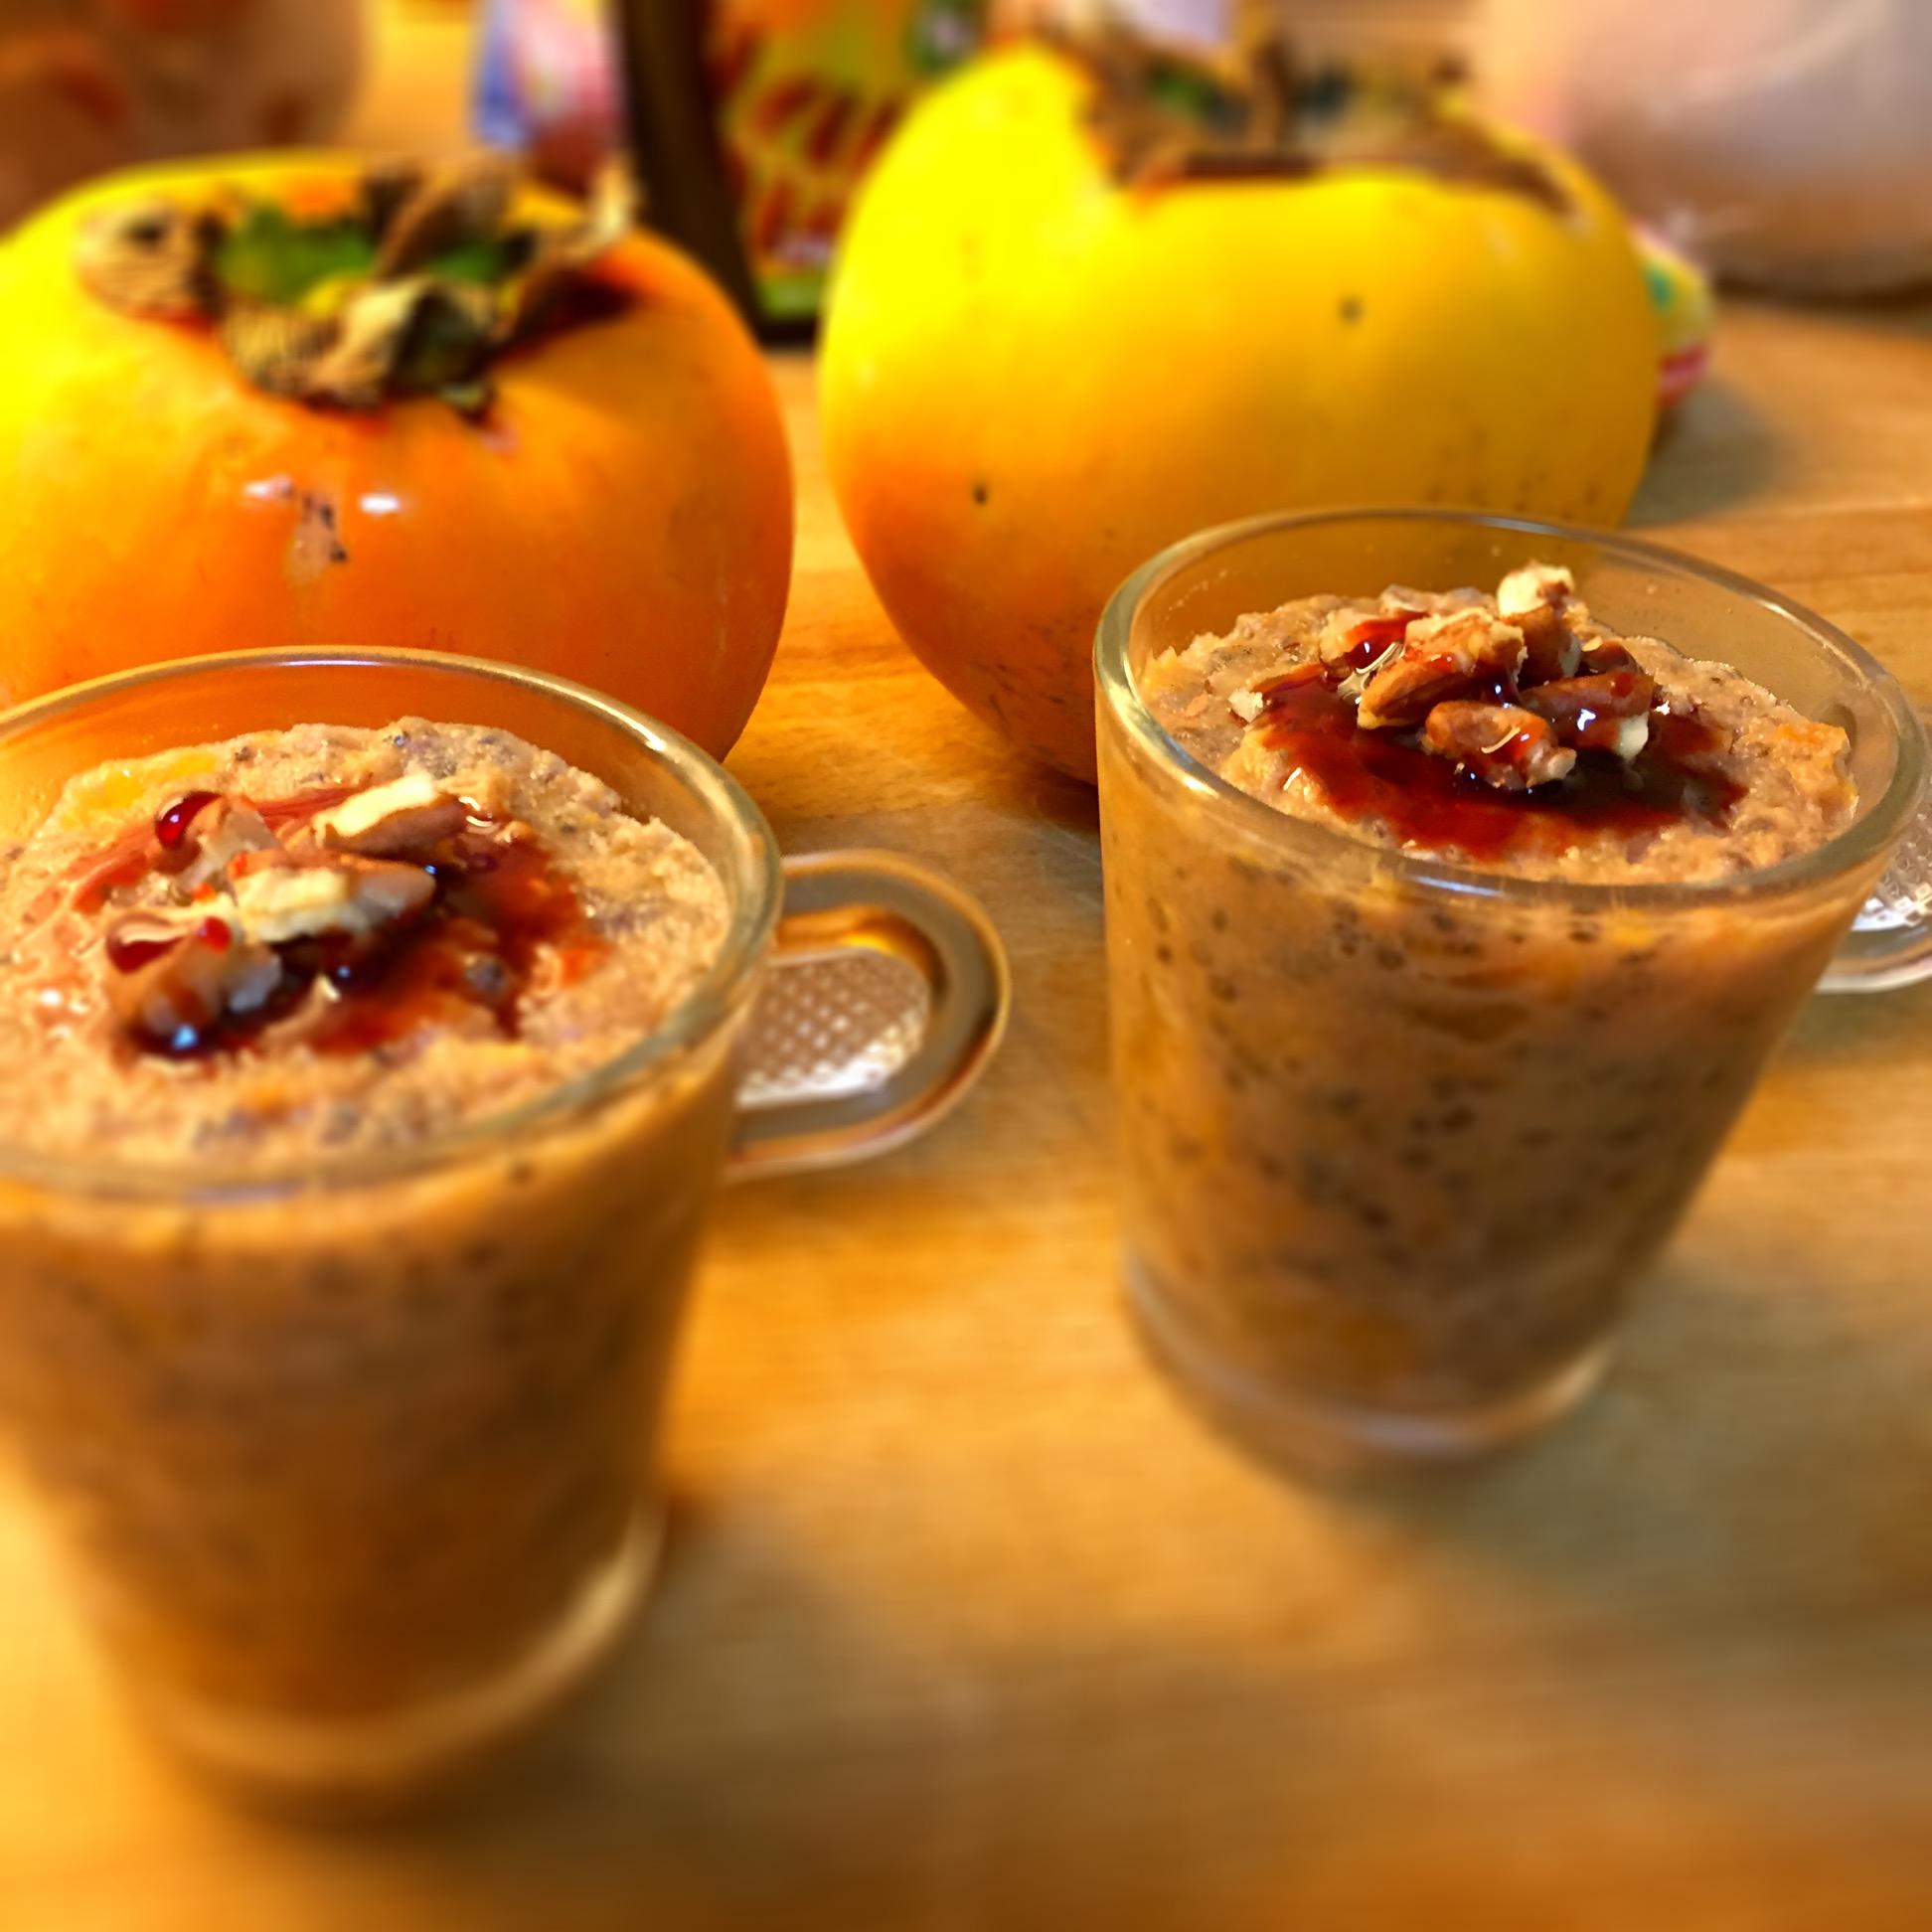 Pudins de chia com dióspiros e manteiga de amêndoa - Blog da Spice